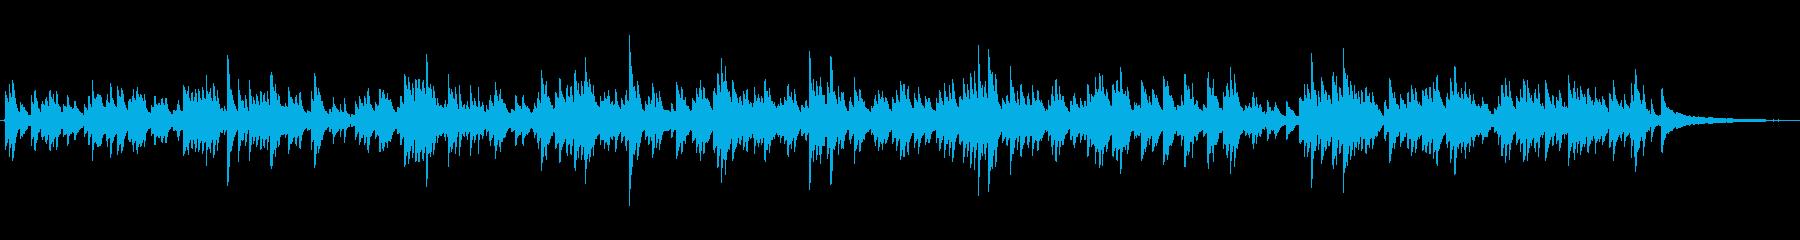 生ピアノソロ・海の底を漂うの再生済みの波形